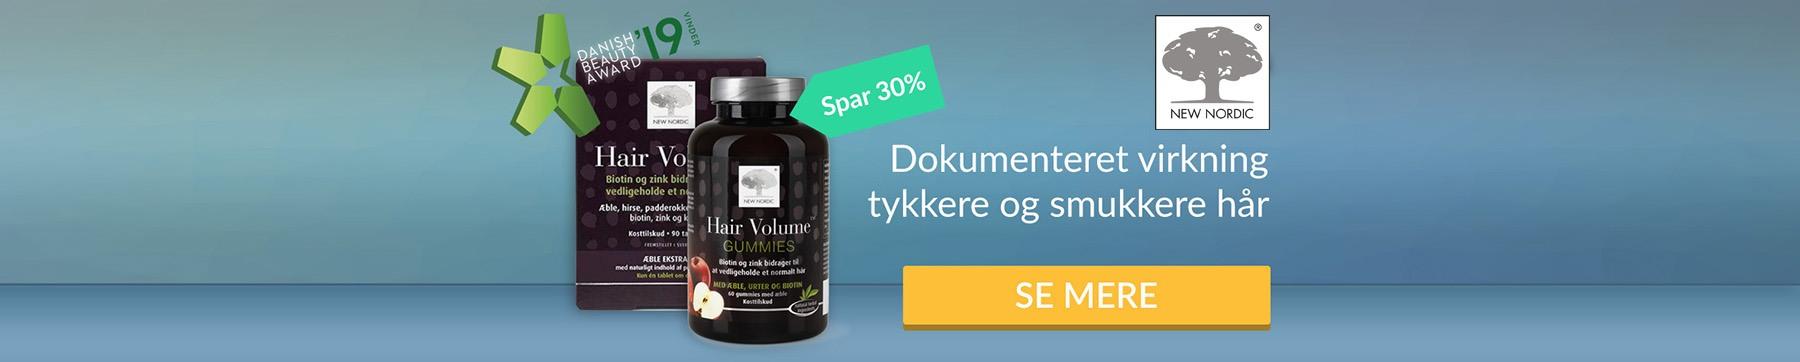 New Nordic HairVolume